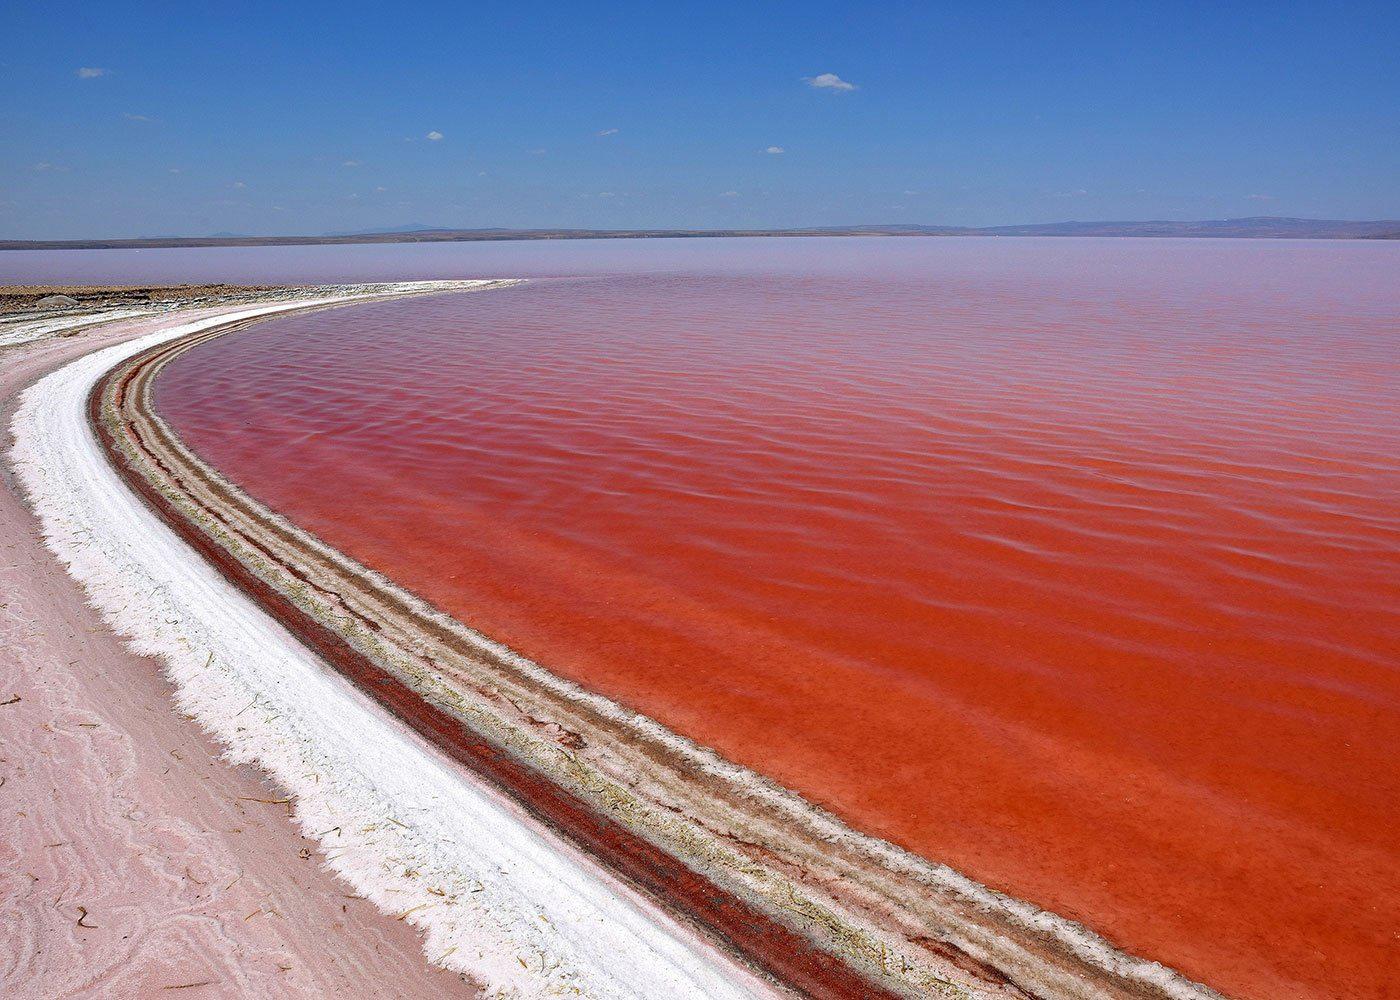 Озеро Умрия Иран фото для bazariran.ru